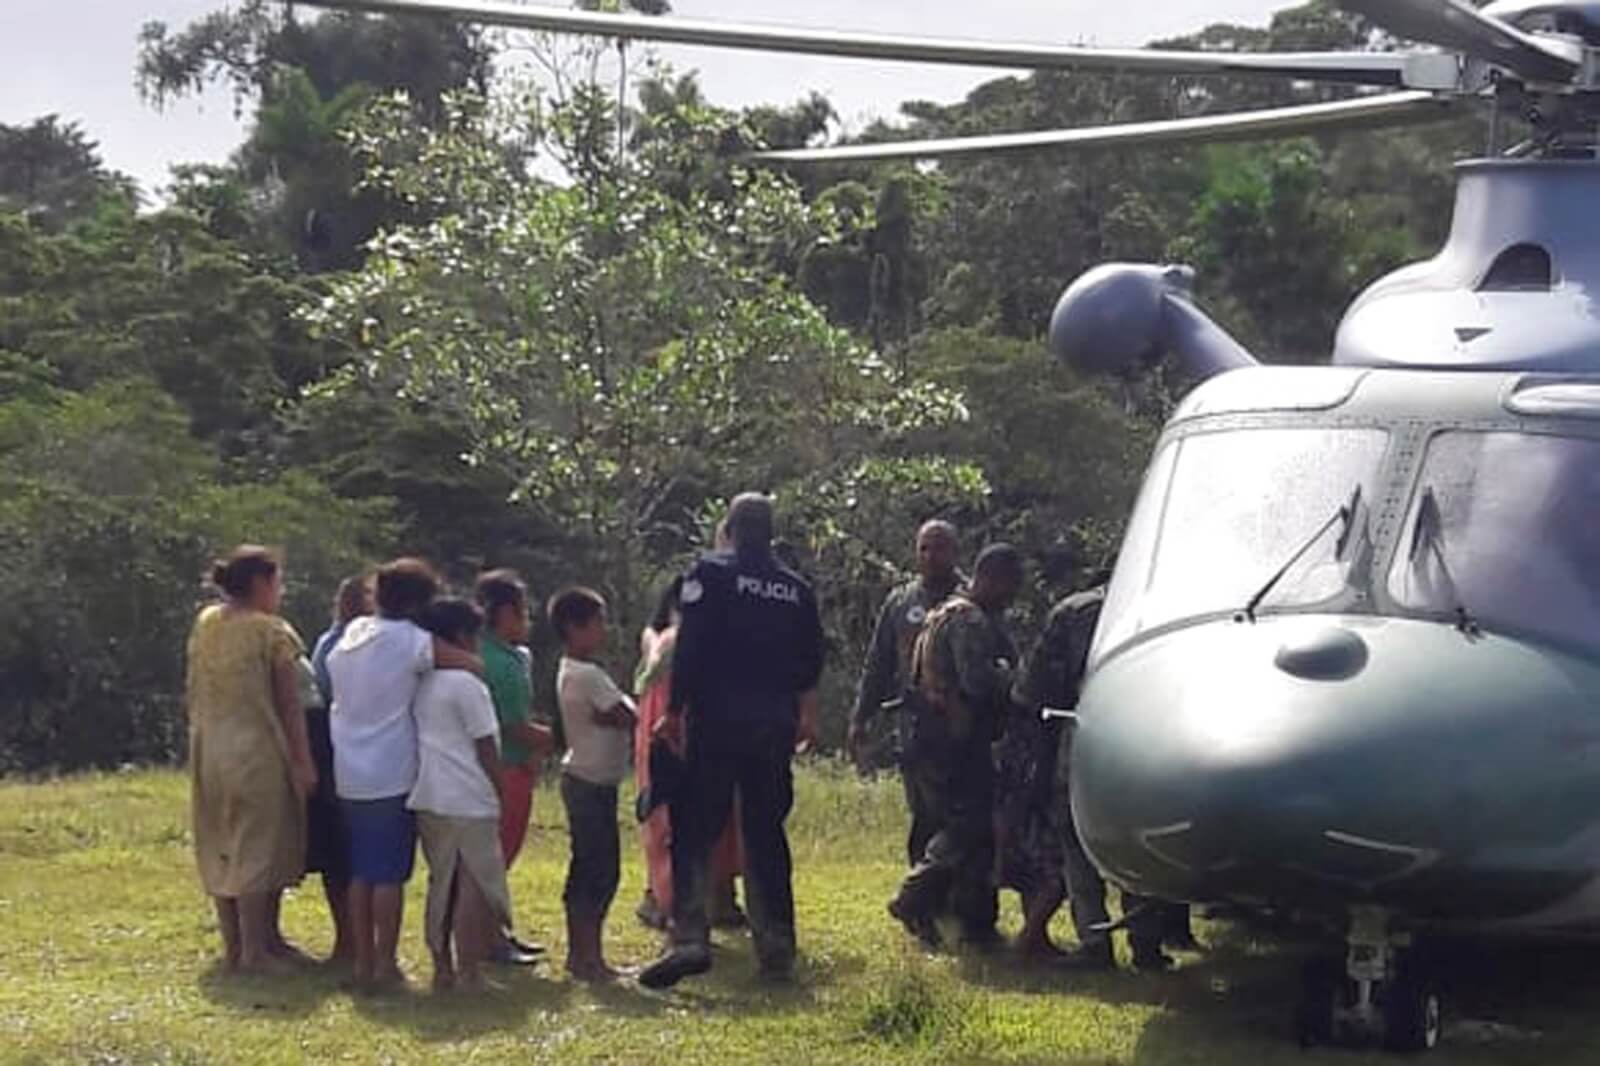 Siedem ofiar sekty religijnej fot. EPA/Public Ministry of Panama